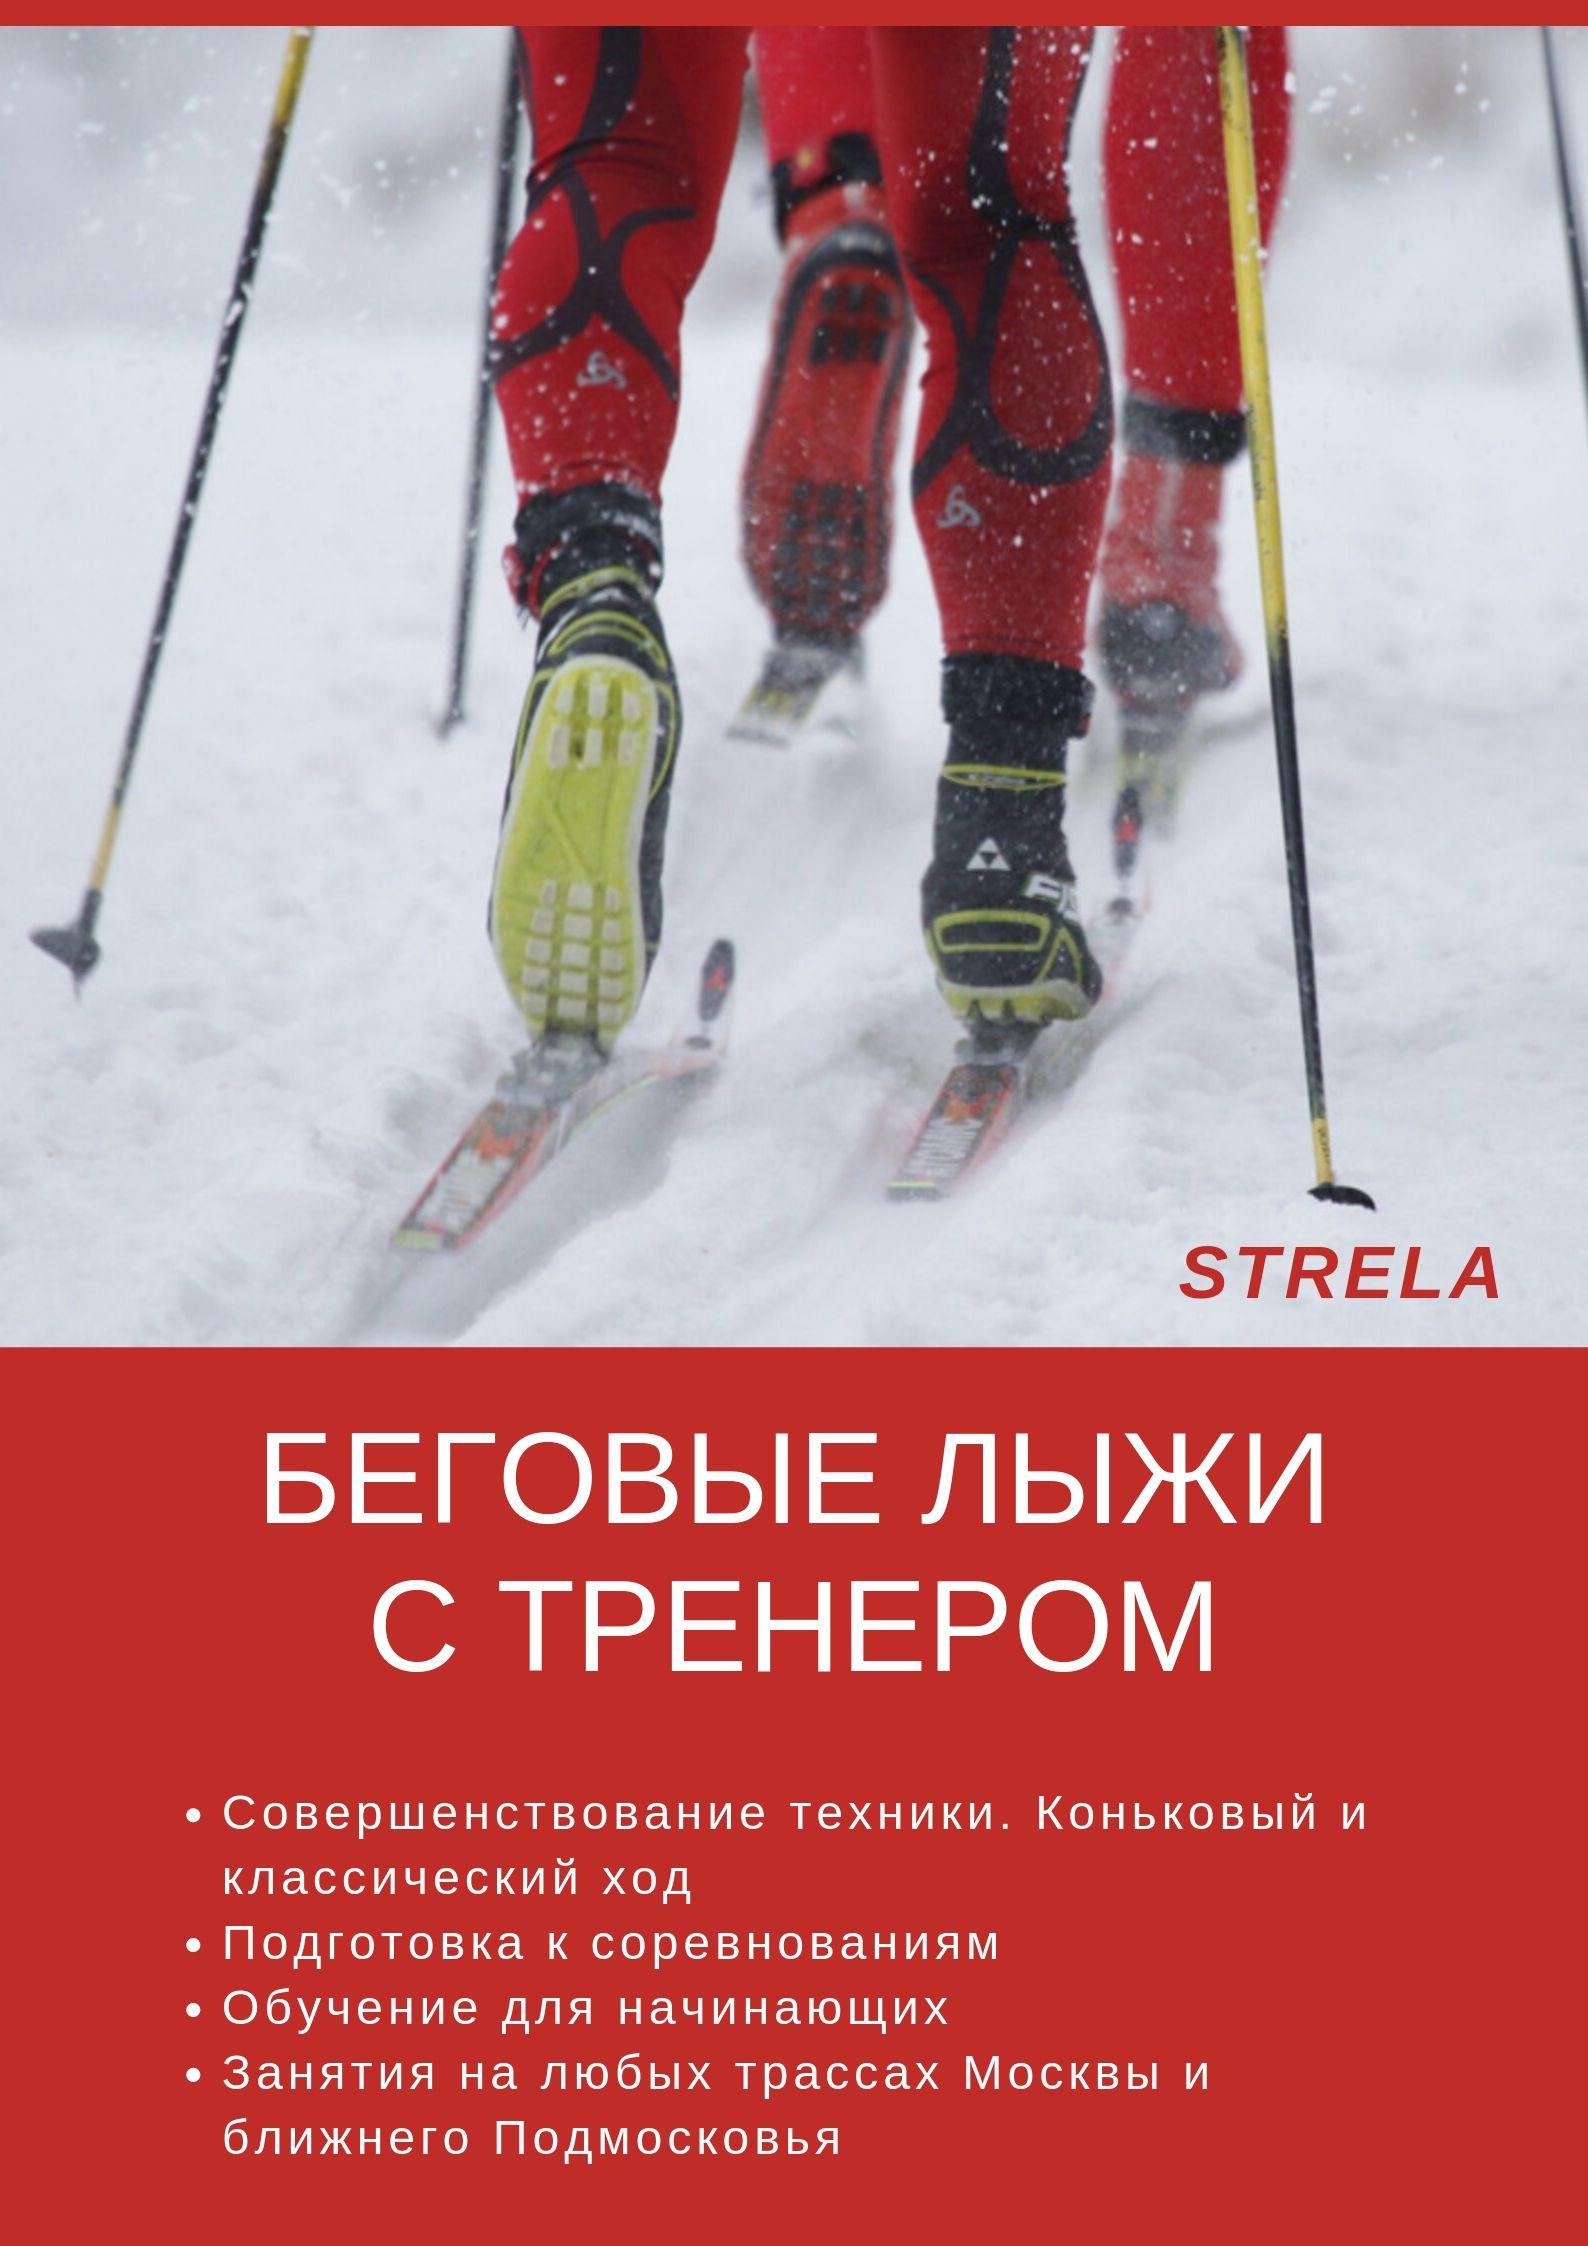 Тренер по беговым лыжам